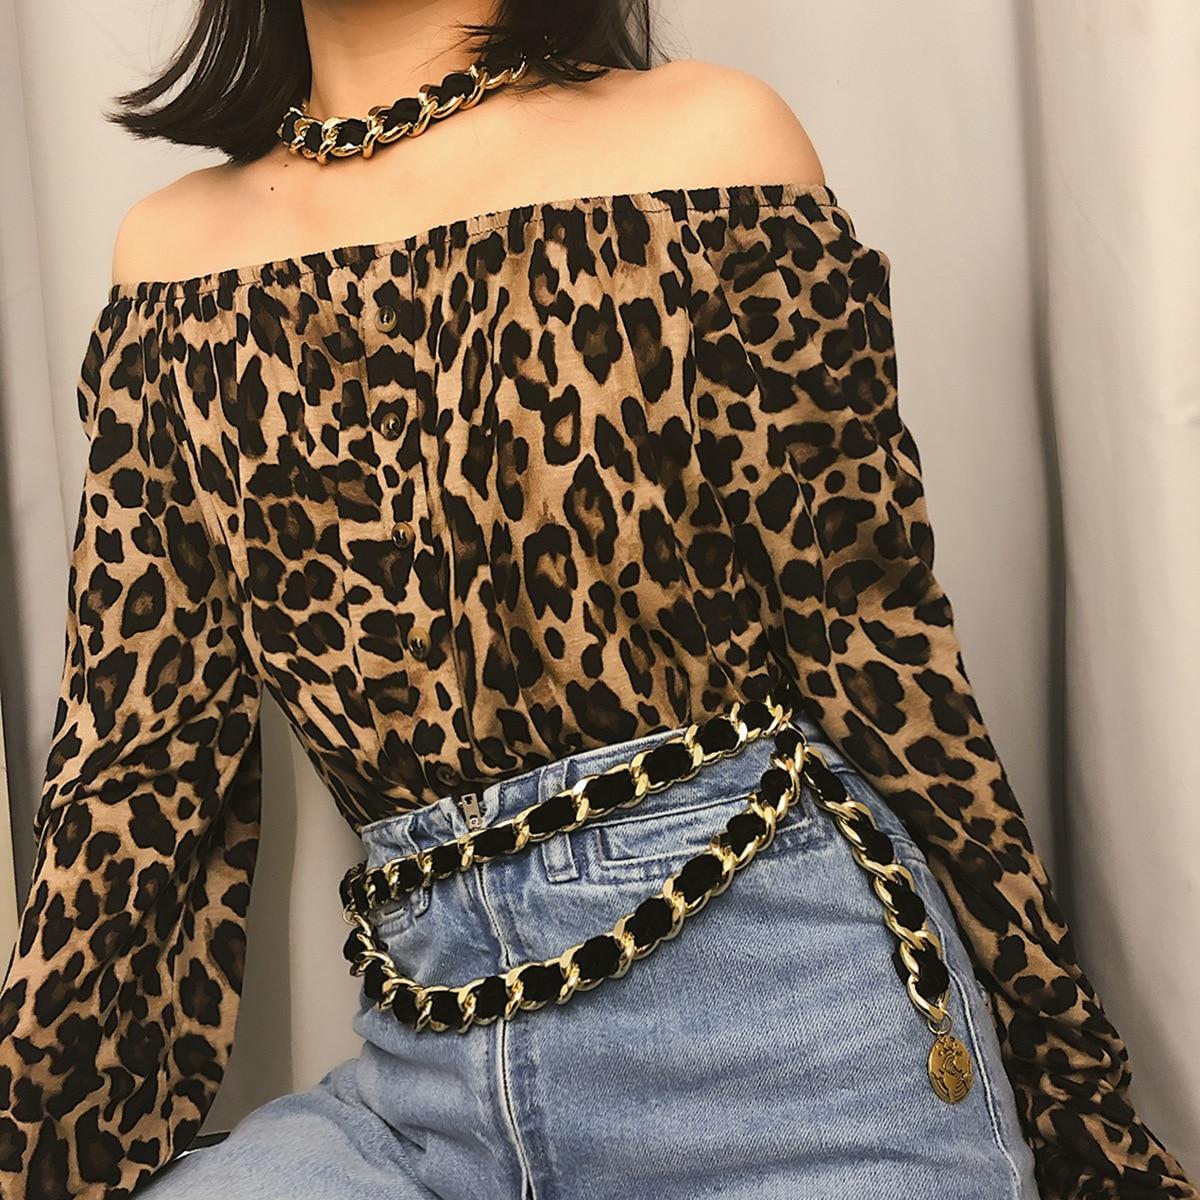 CETIRI Tassel Gold Metal Chain Belt For Women Dresses Designer Brand Luxury Punk Fringe Waist Belts Female Ladies